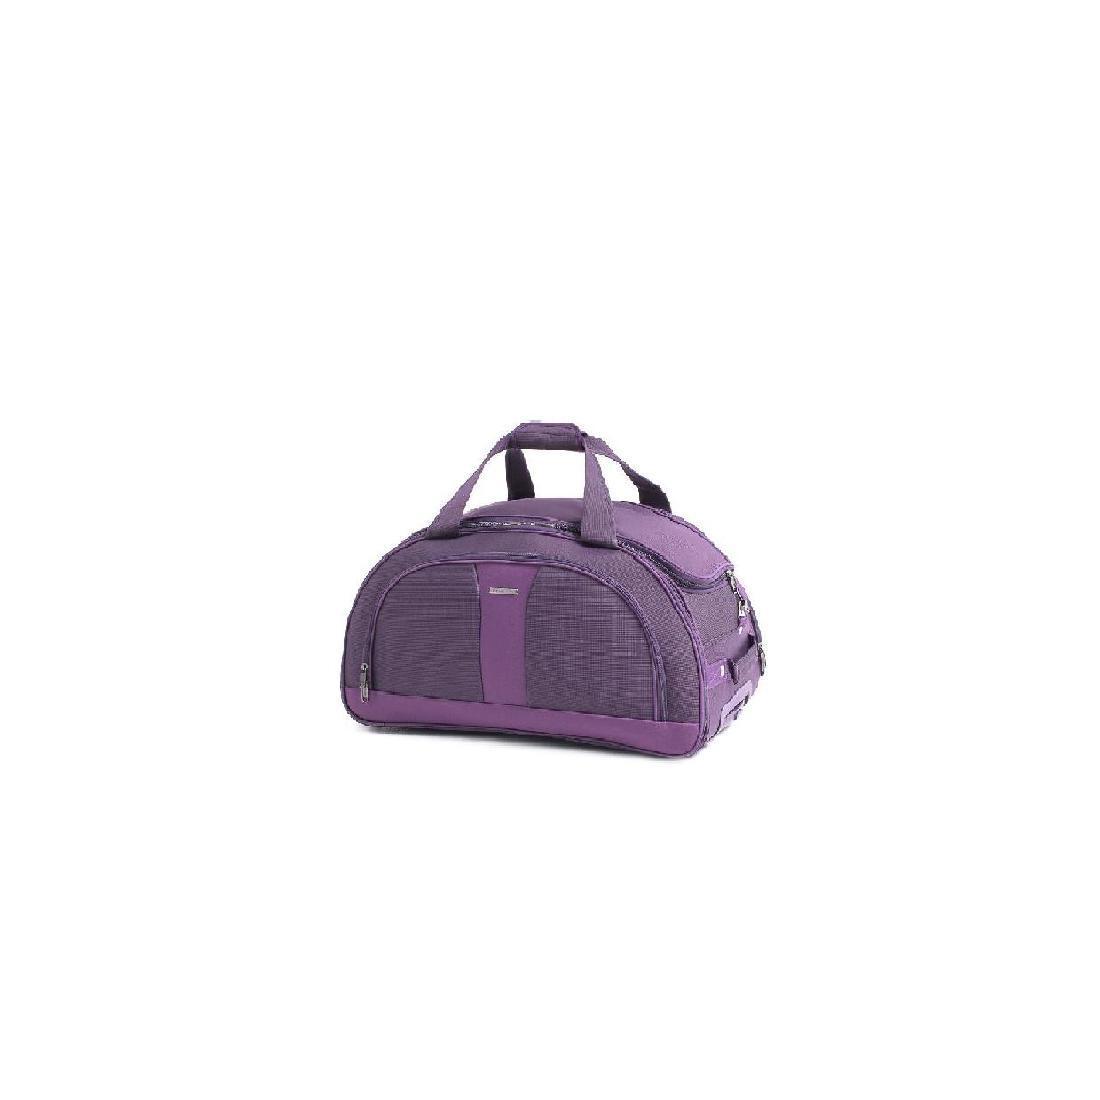 Сумка на колёсах дорожная пурпурная MY TRAVEL формованная, 50х29х32 см  ксТ400-20ф